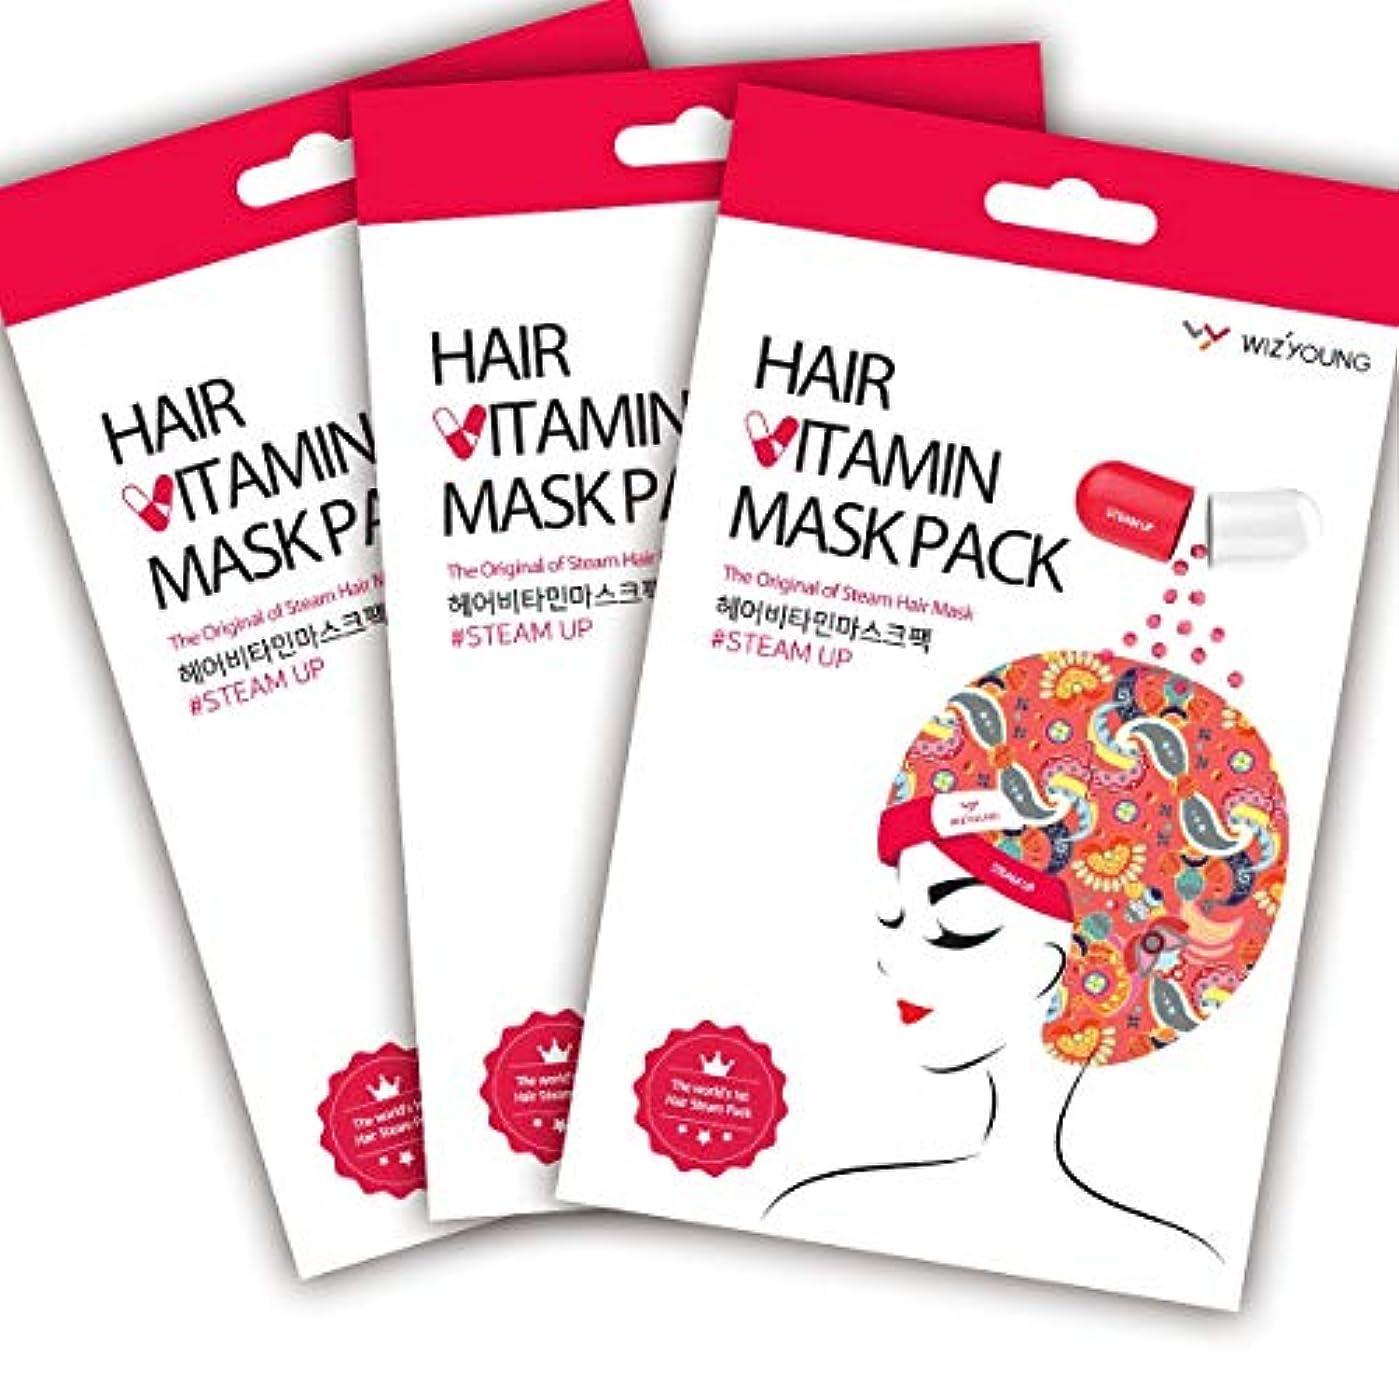 合体奇跡的な罹患率ヘアビタミンマスクパック スチームアップ 3パックセット HAIR VITAMIN MASK PACK STEAM UP